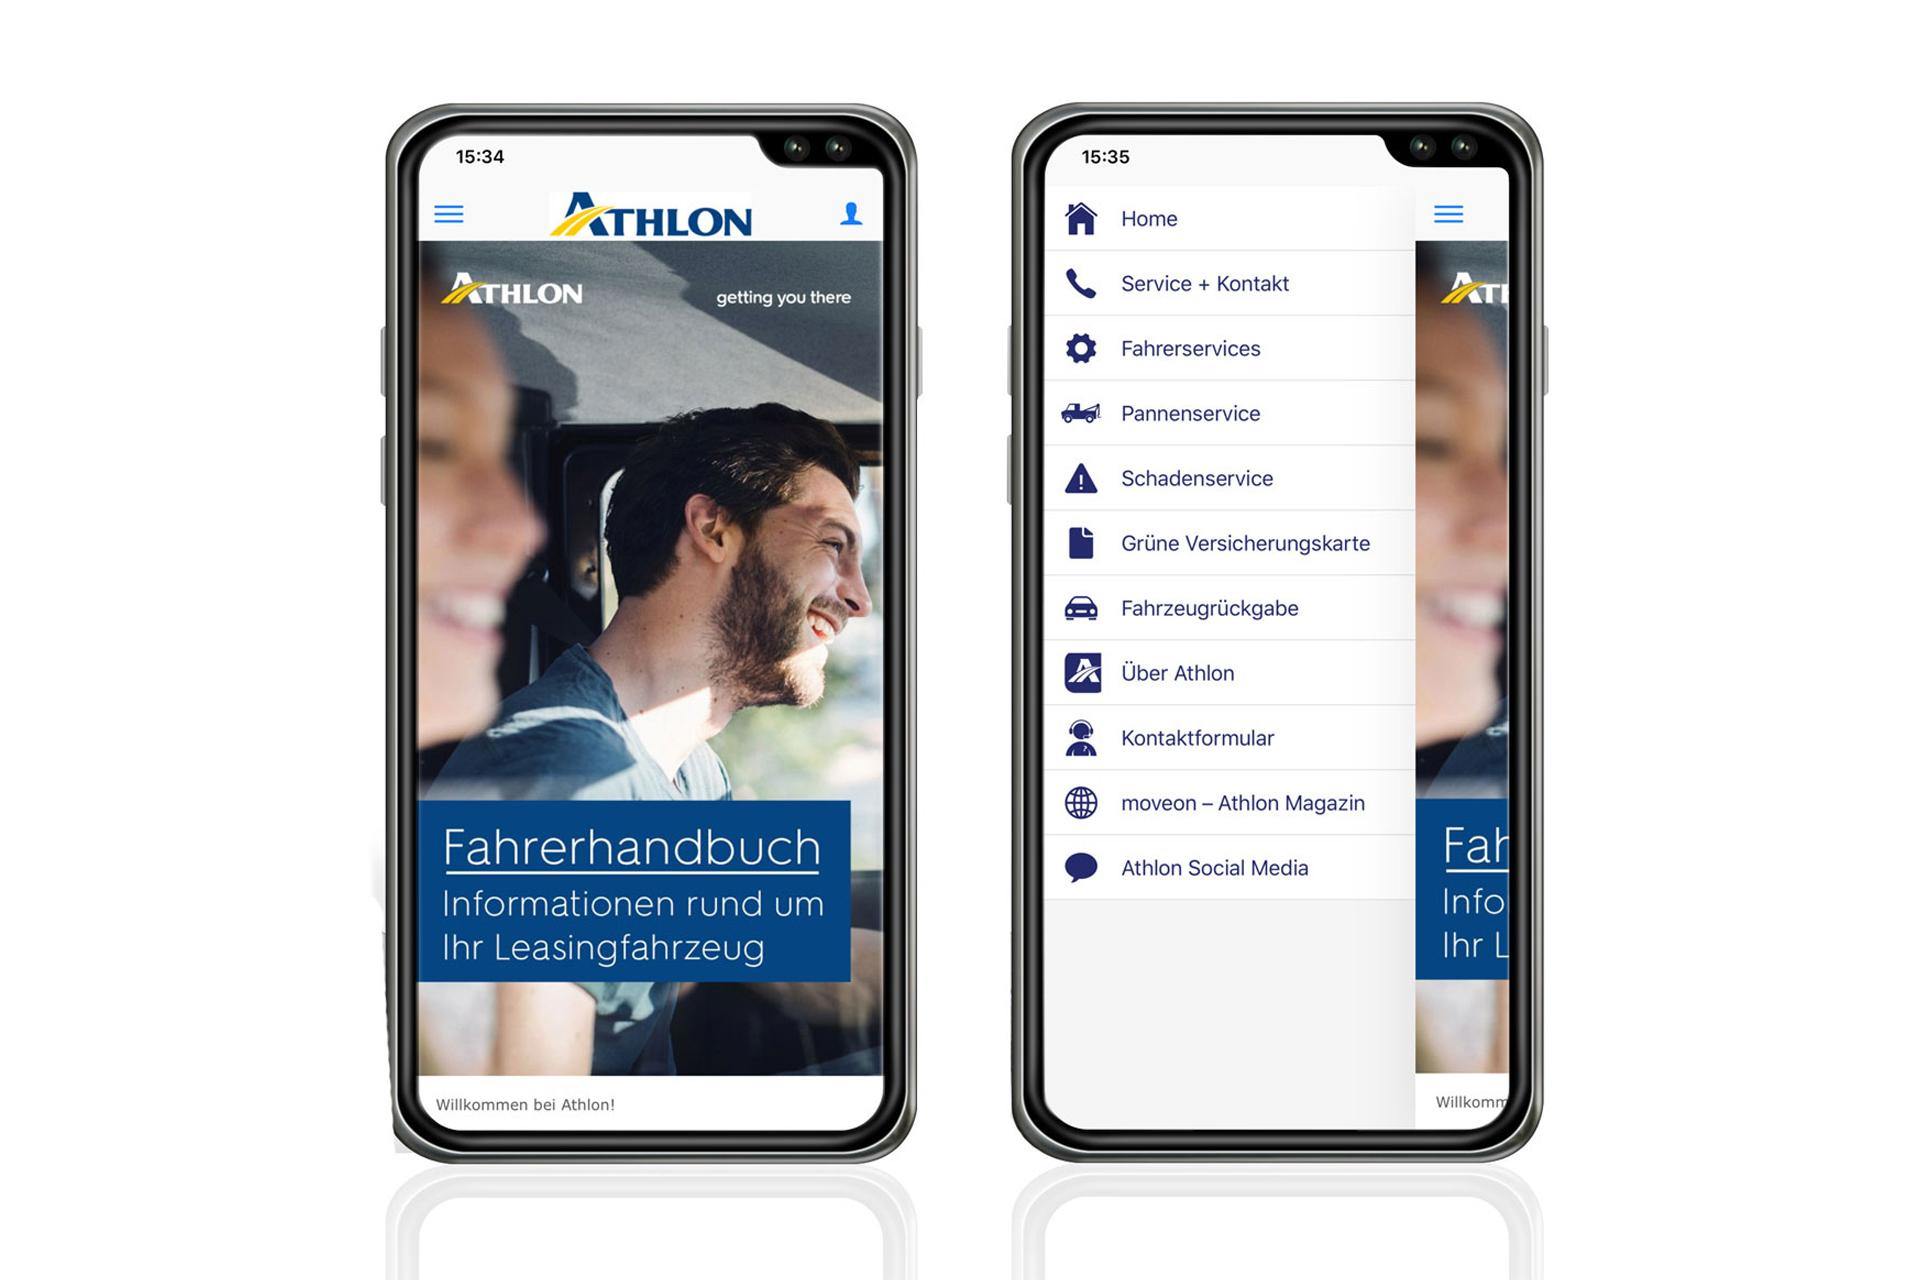 Athlon digitales Fahrerhandbuch als App